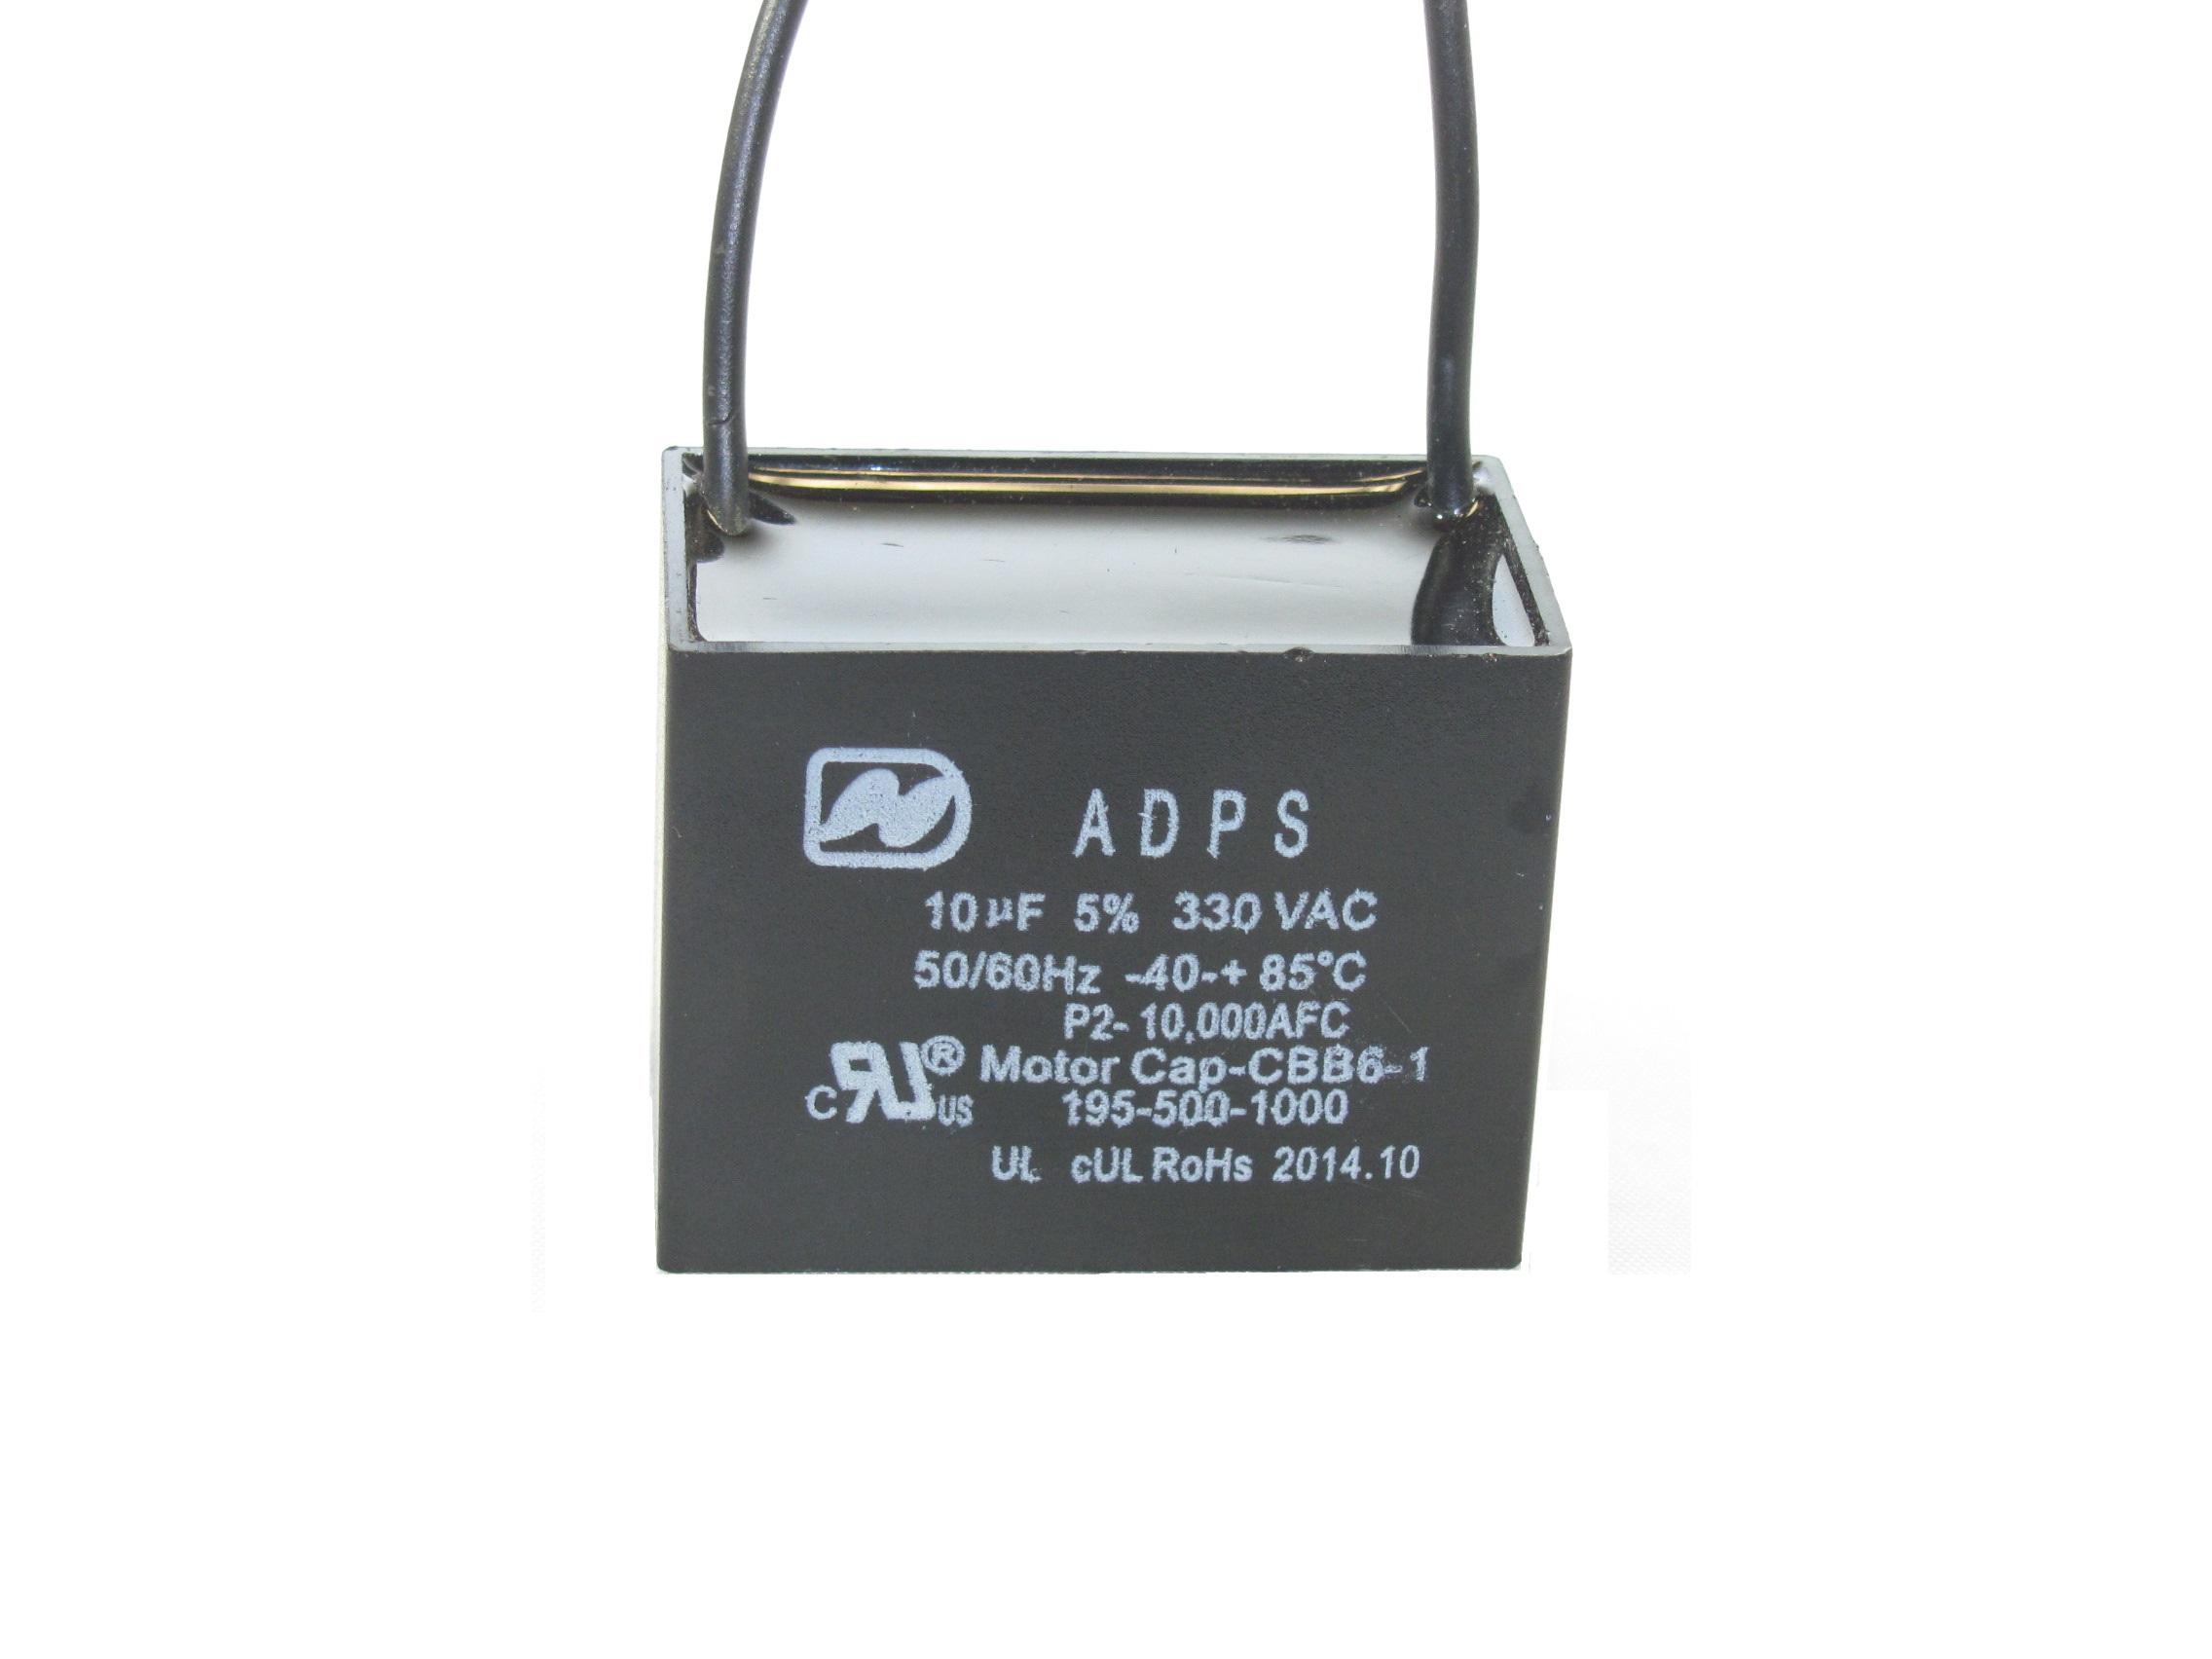 ADPS330M106J 10 uF 330 VAC Capacitor 195-500-1000